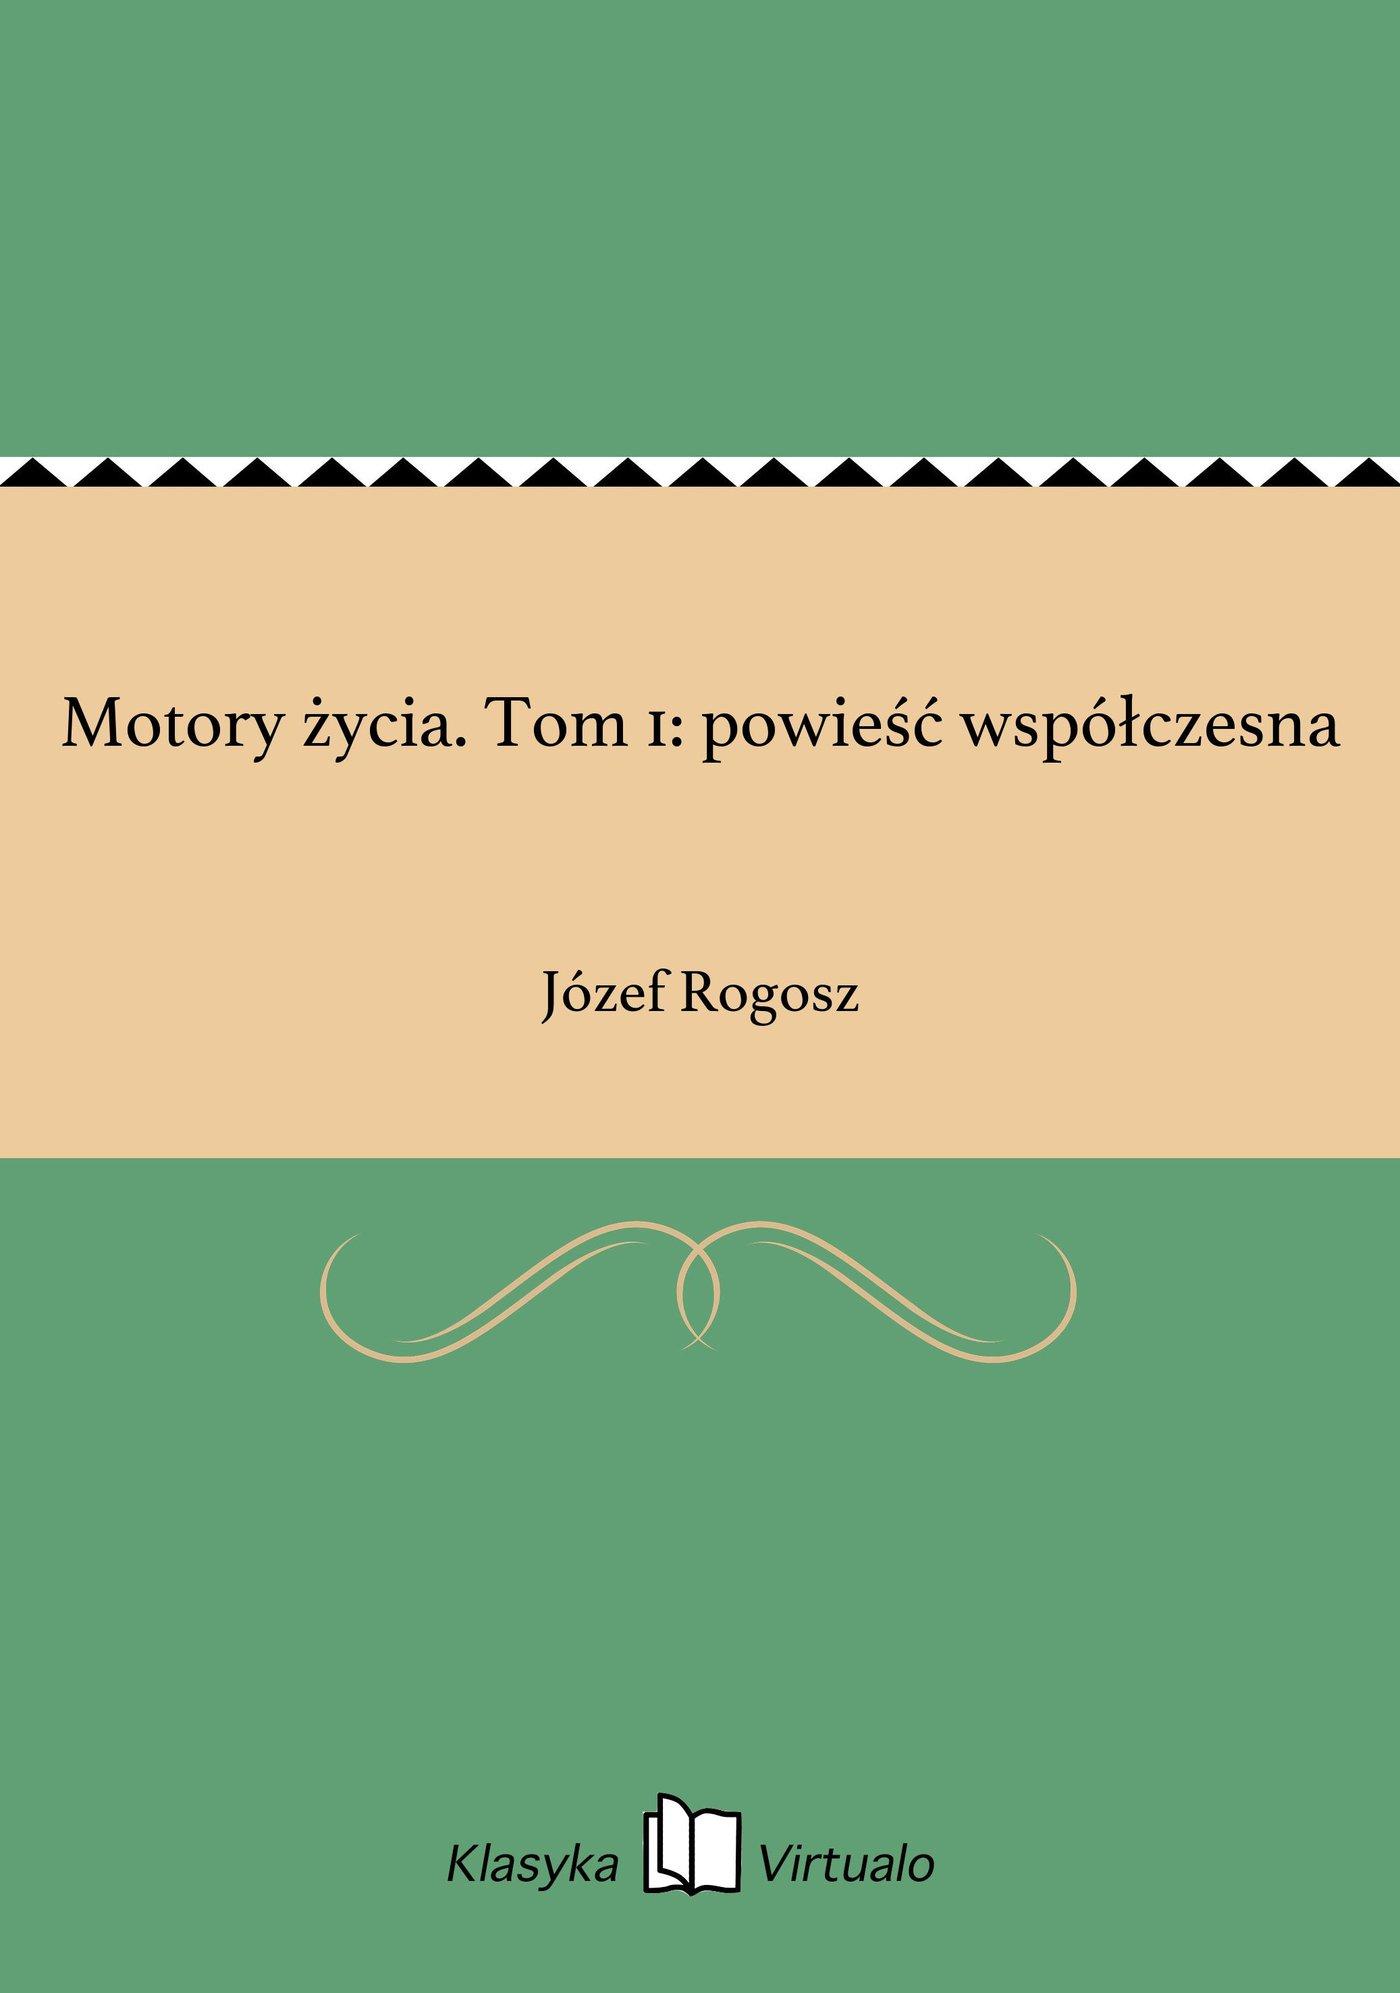 Motory życia. Tom 1: powieść współczesna - Ebook (Książka EPUB) do pobrania w formacie EPUB